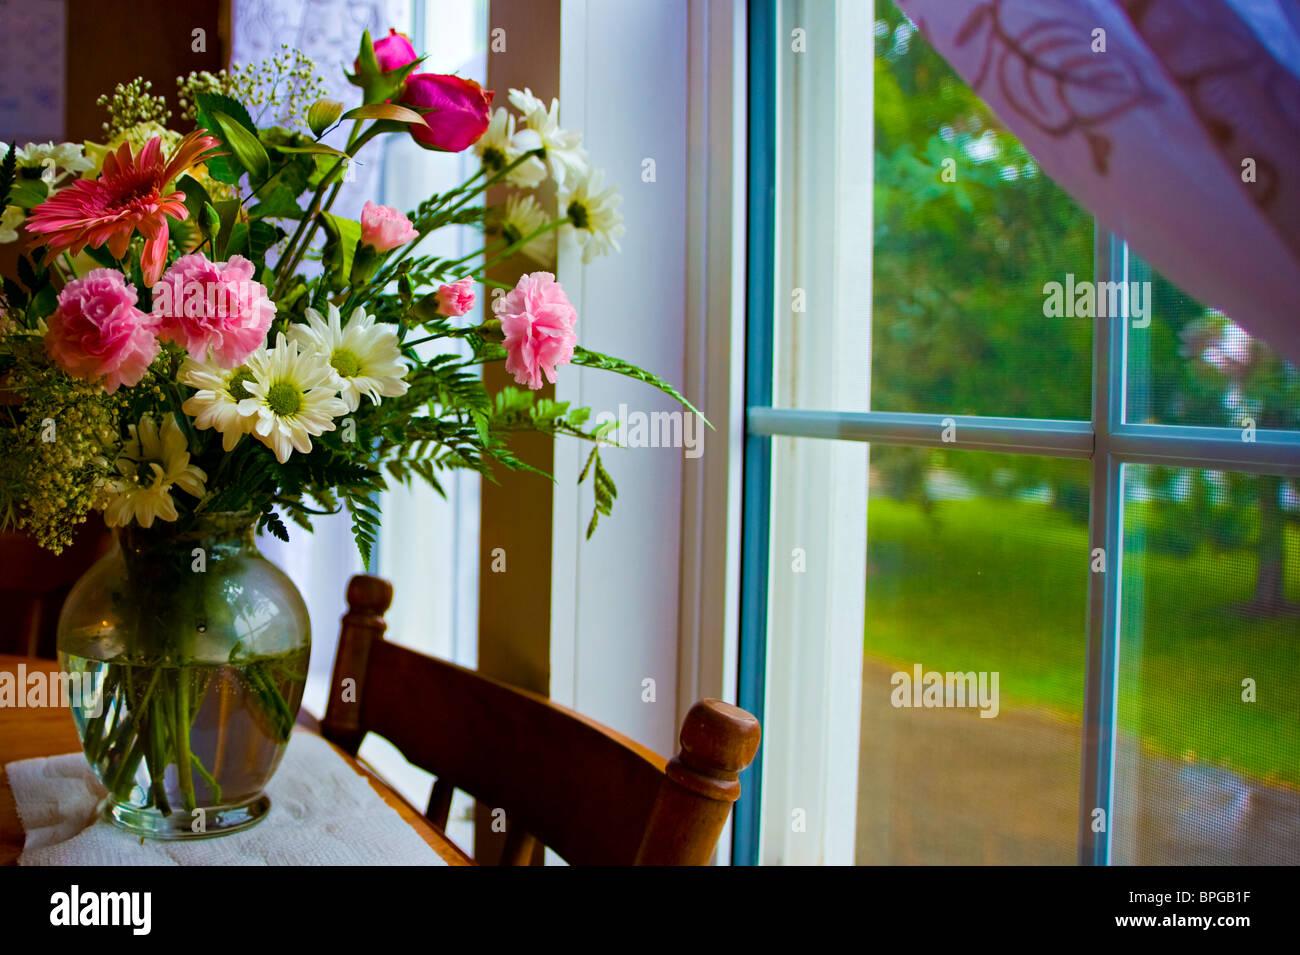 Frische Blumendekoration auf einem Küchentisch Stockbild